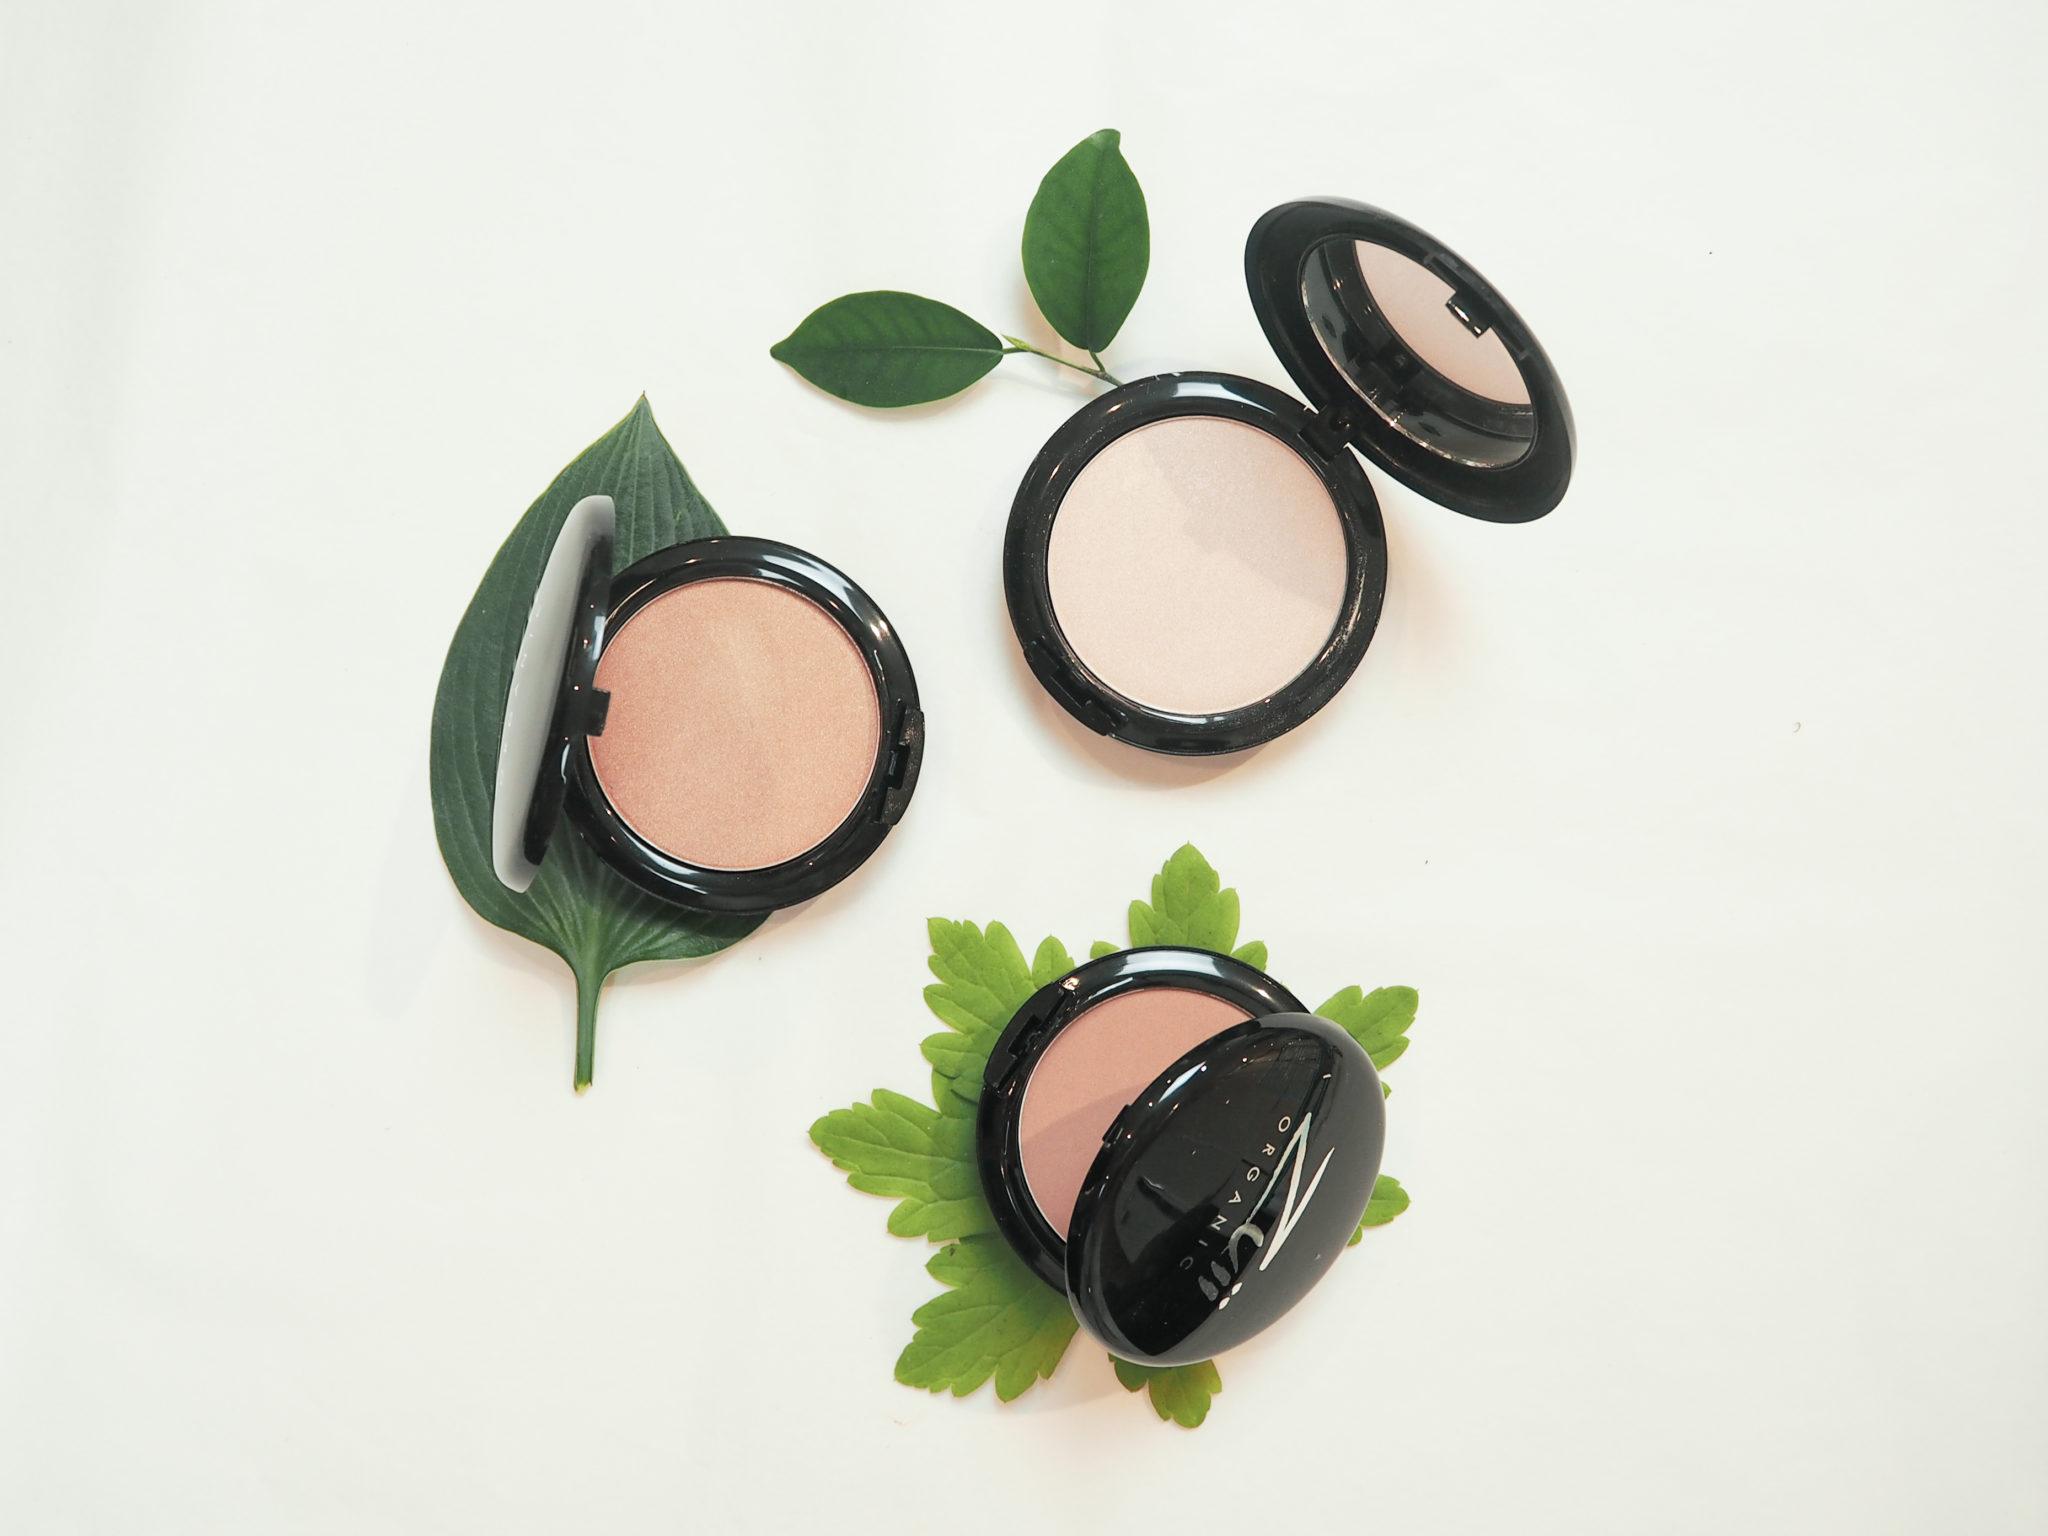 Zuii Organic laajentaa meikeistä ihonhoitotuotteisiin ja itseruskettaviin